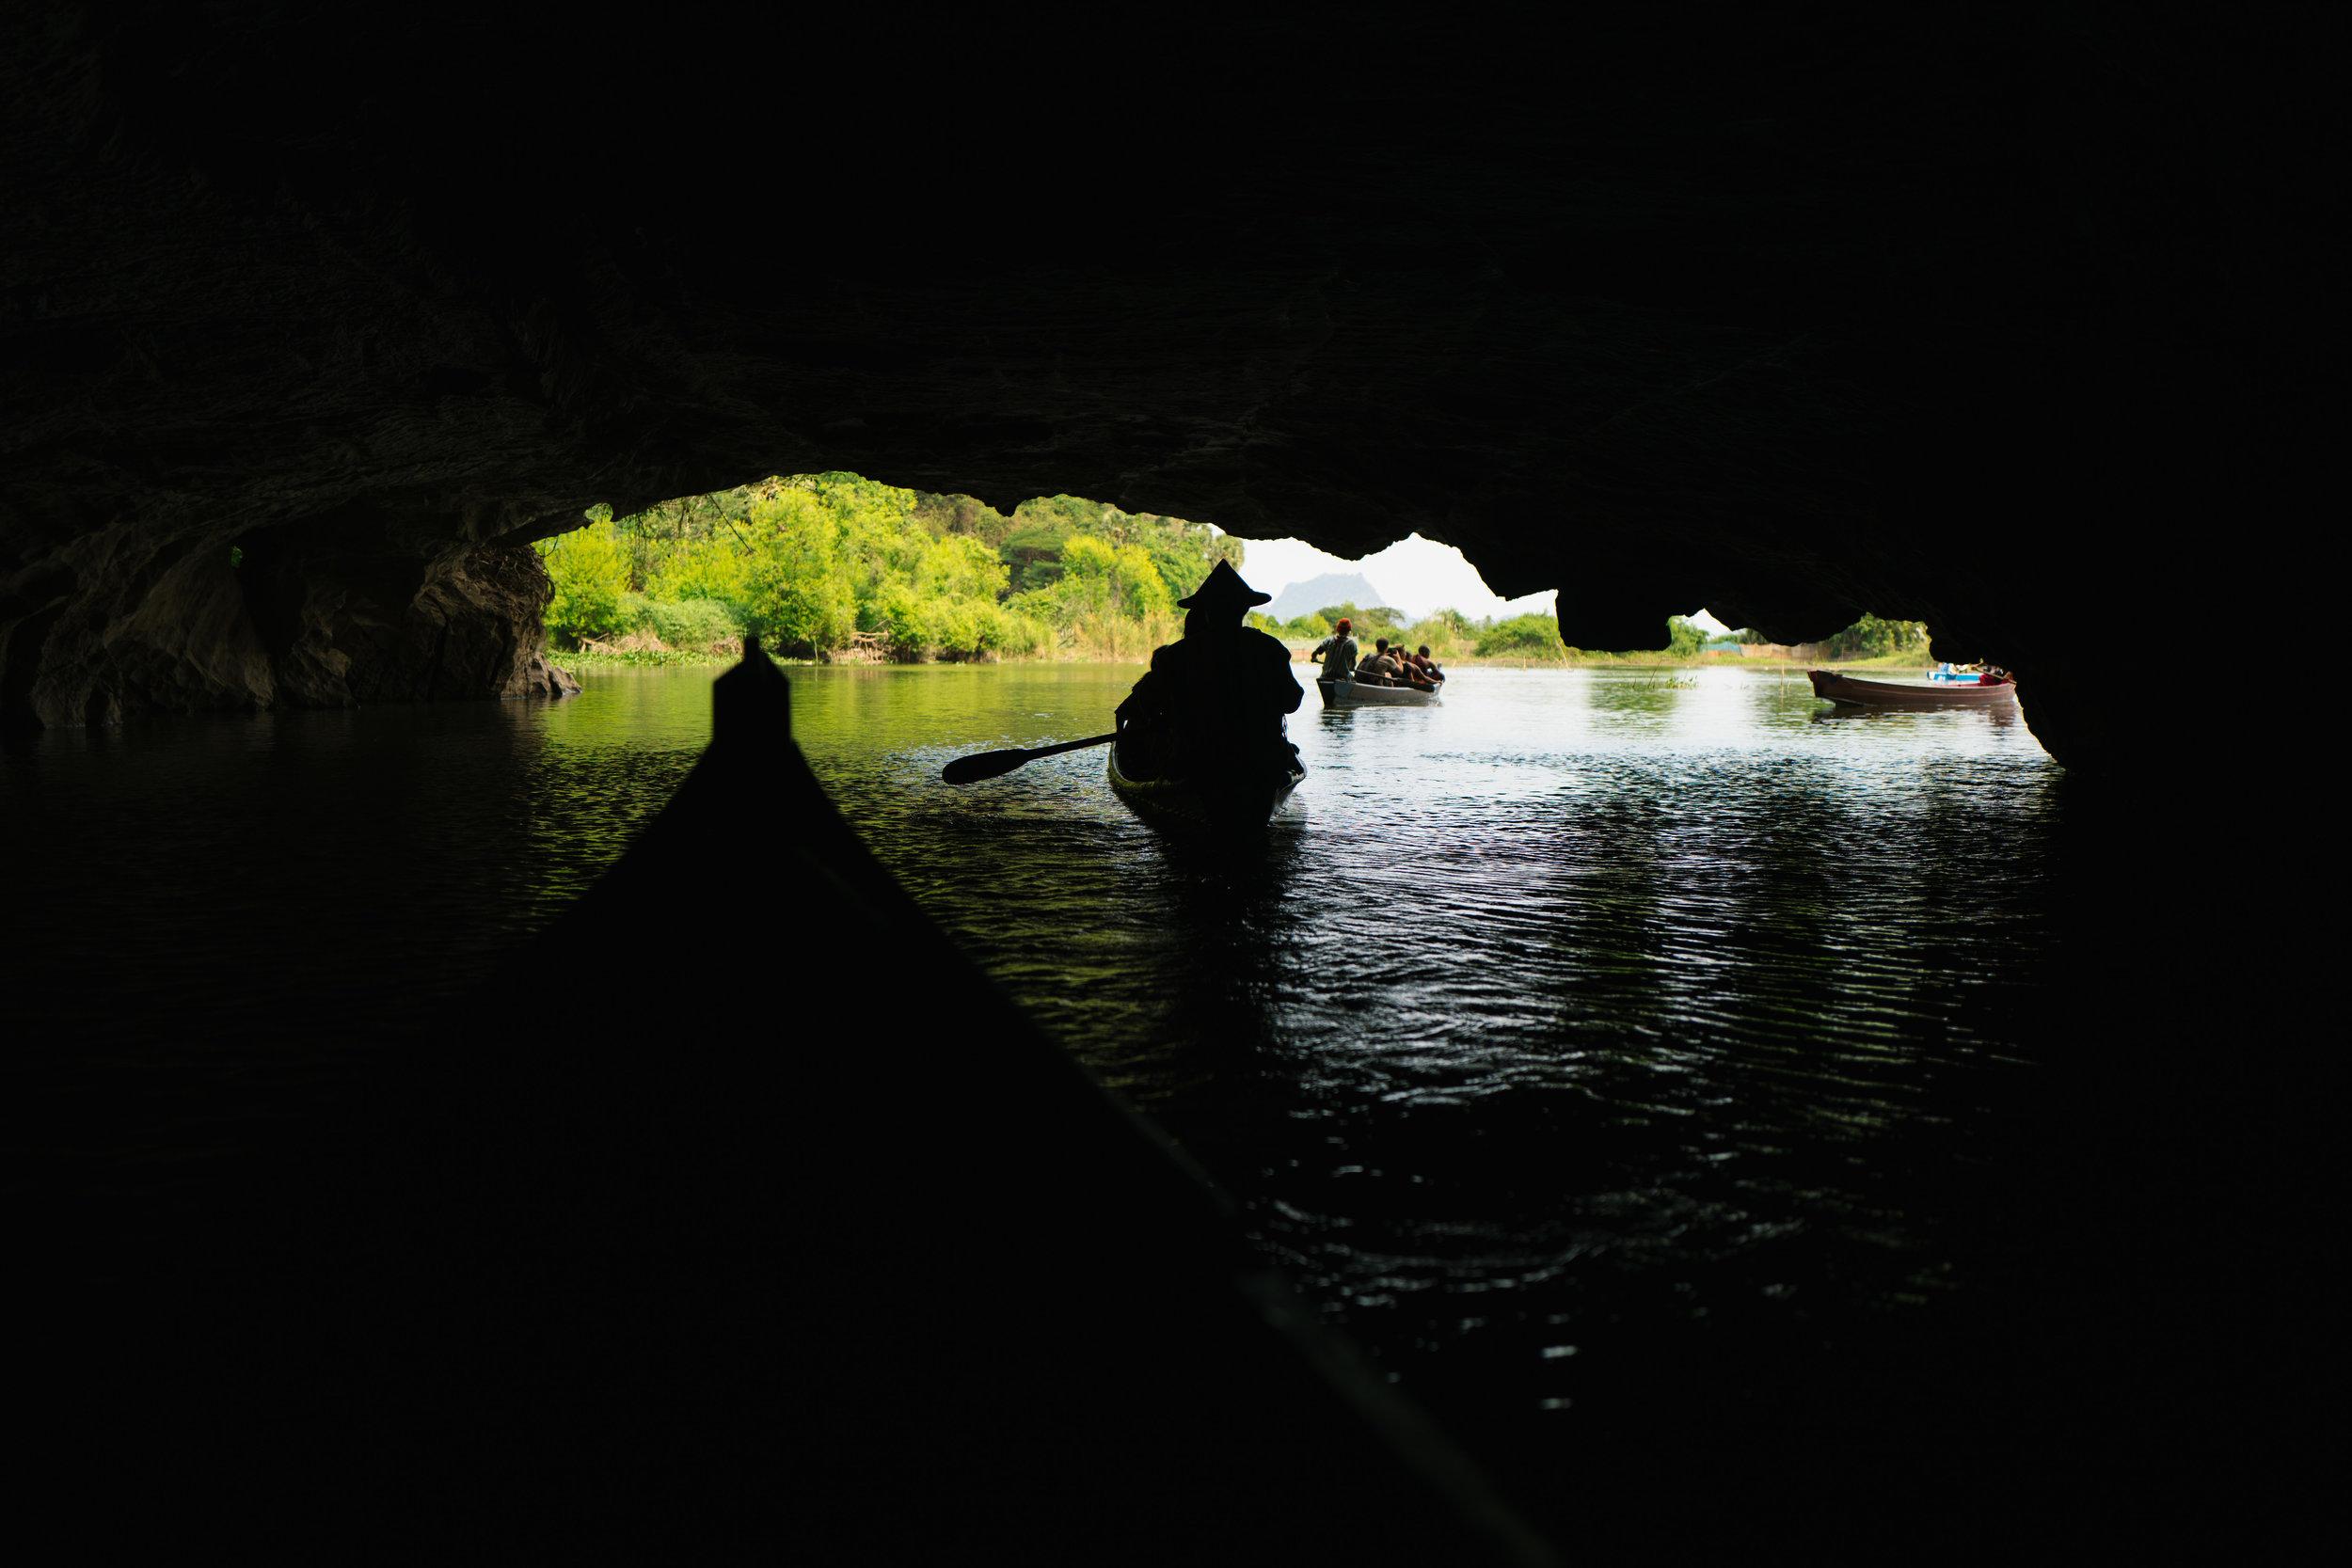 19/32 - Licht am Ende des Tunnels